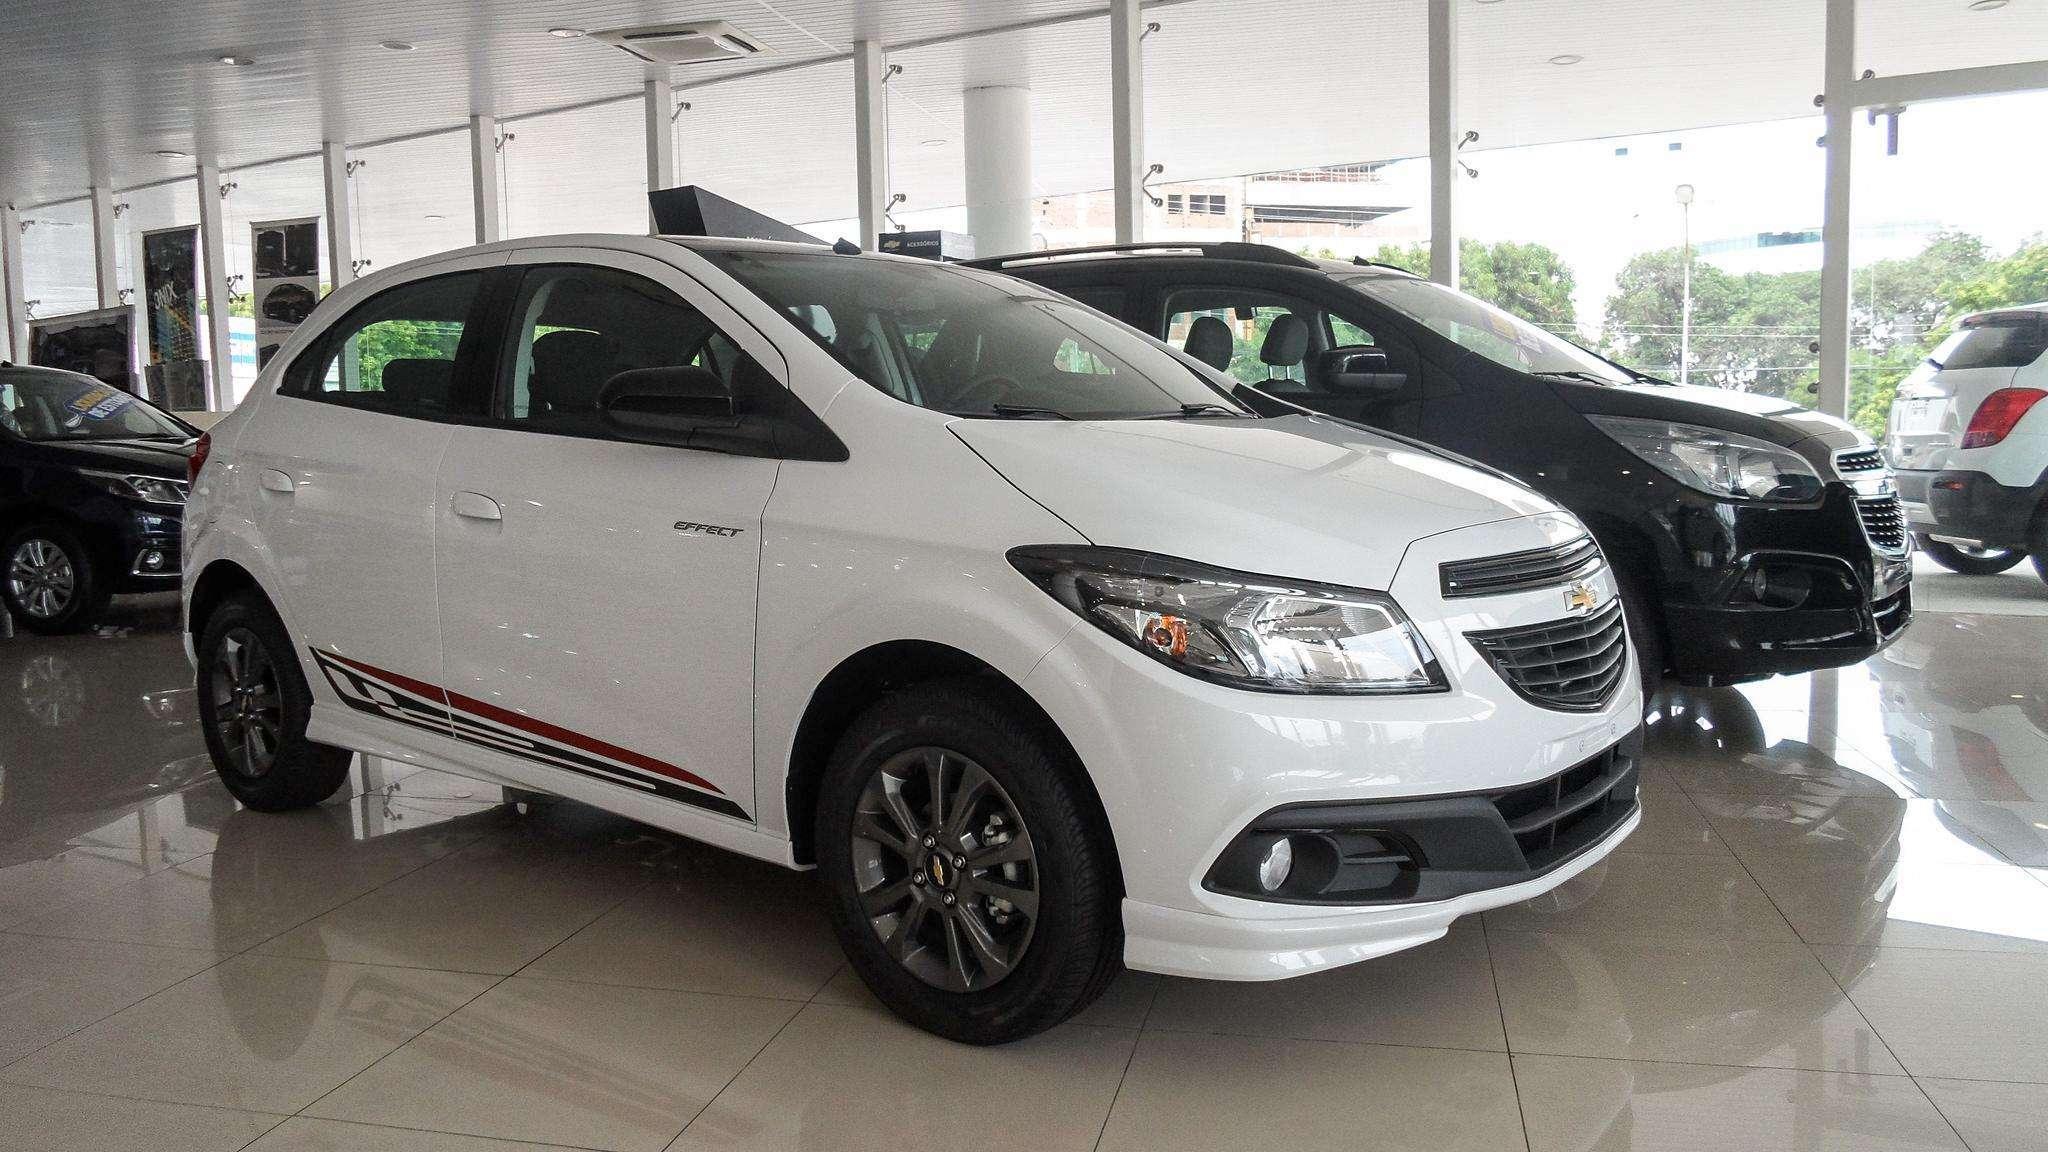 Chevrolet Onix inicia 2016 como carro mais vendido do Brasil